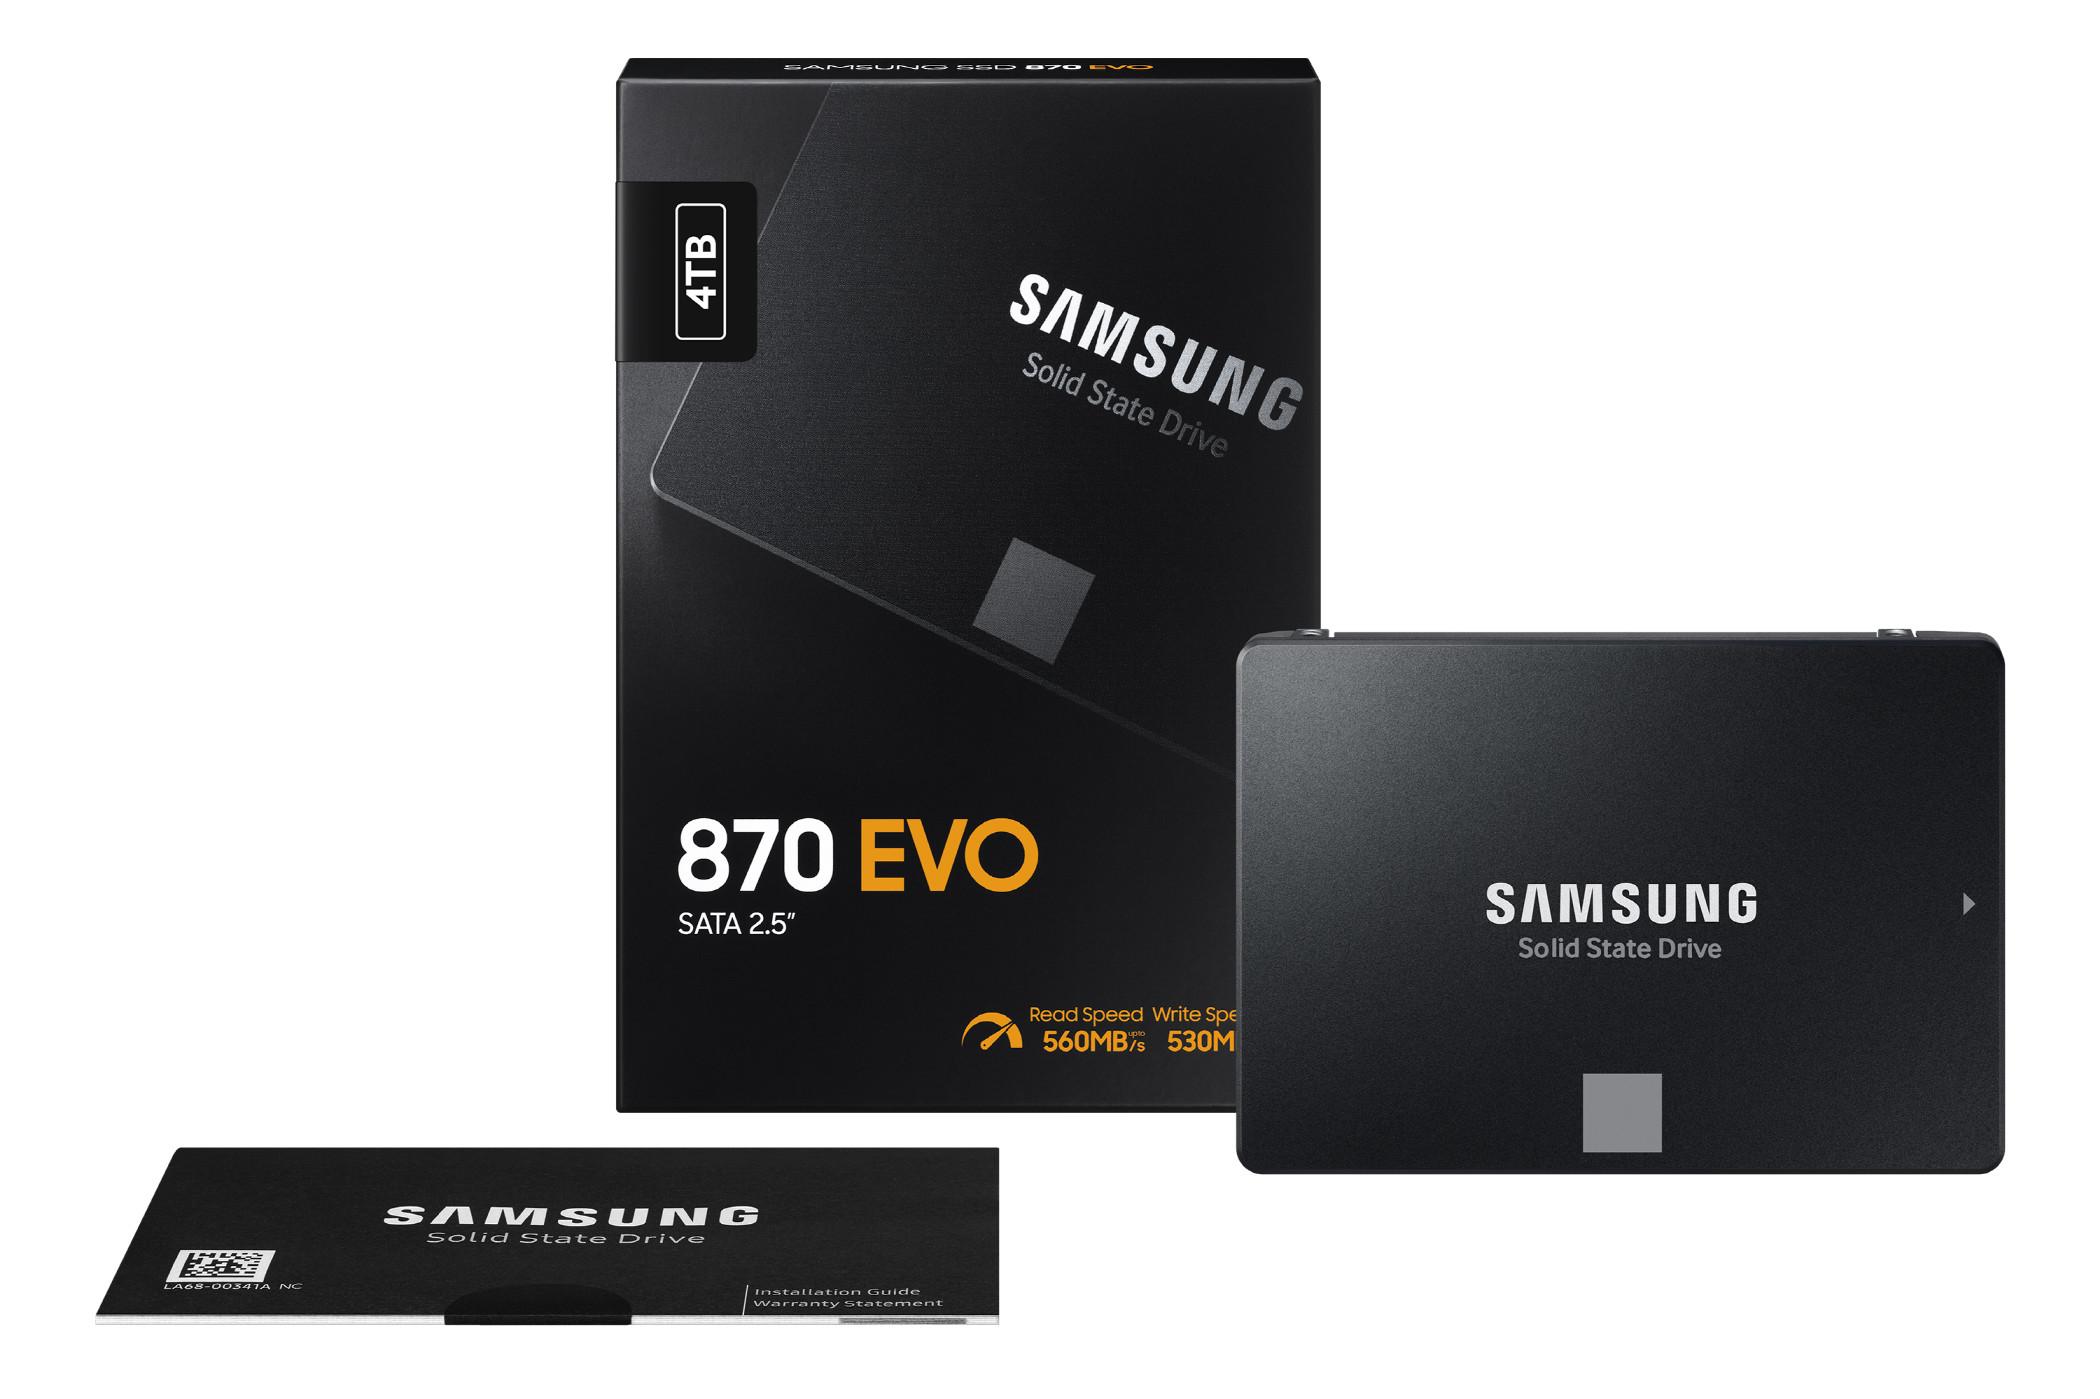 照片中提到了5SC 07 O EV O、SAMSUNG、Solid State Drive,跟三星集團有關,包含了三星、三星Galaxy S系列、三星、固態硬盤、三星EVO系列